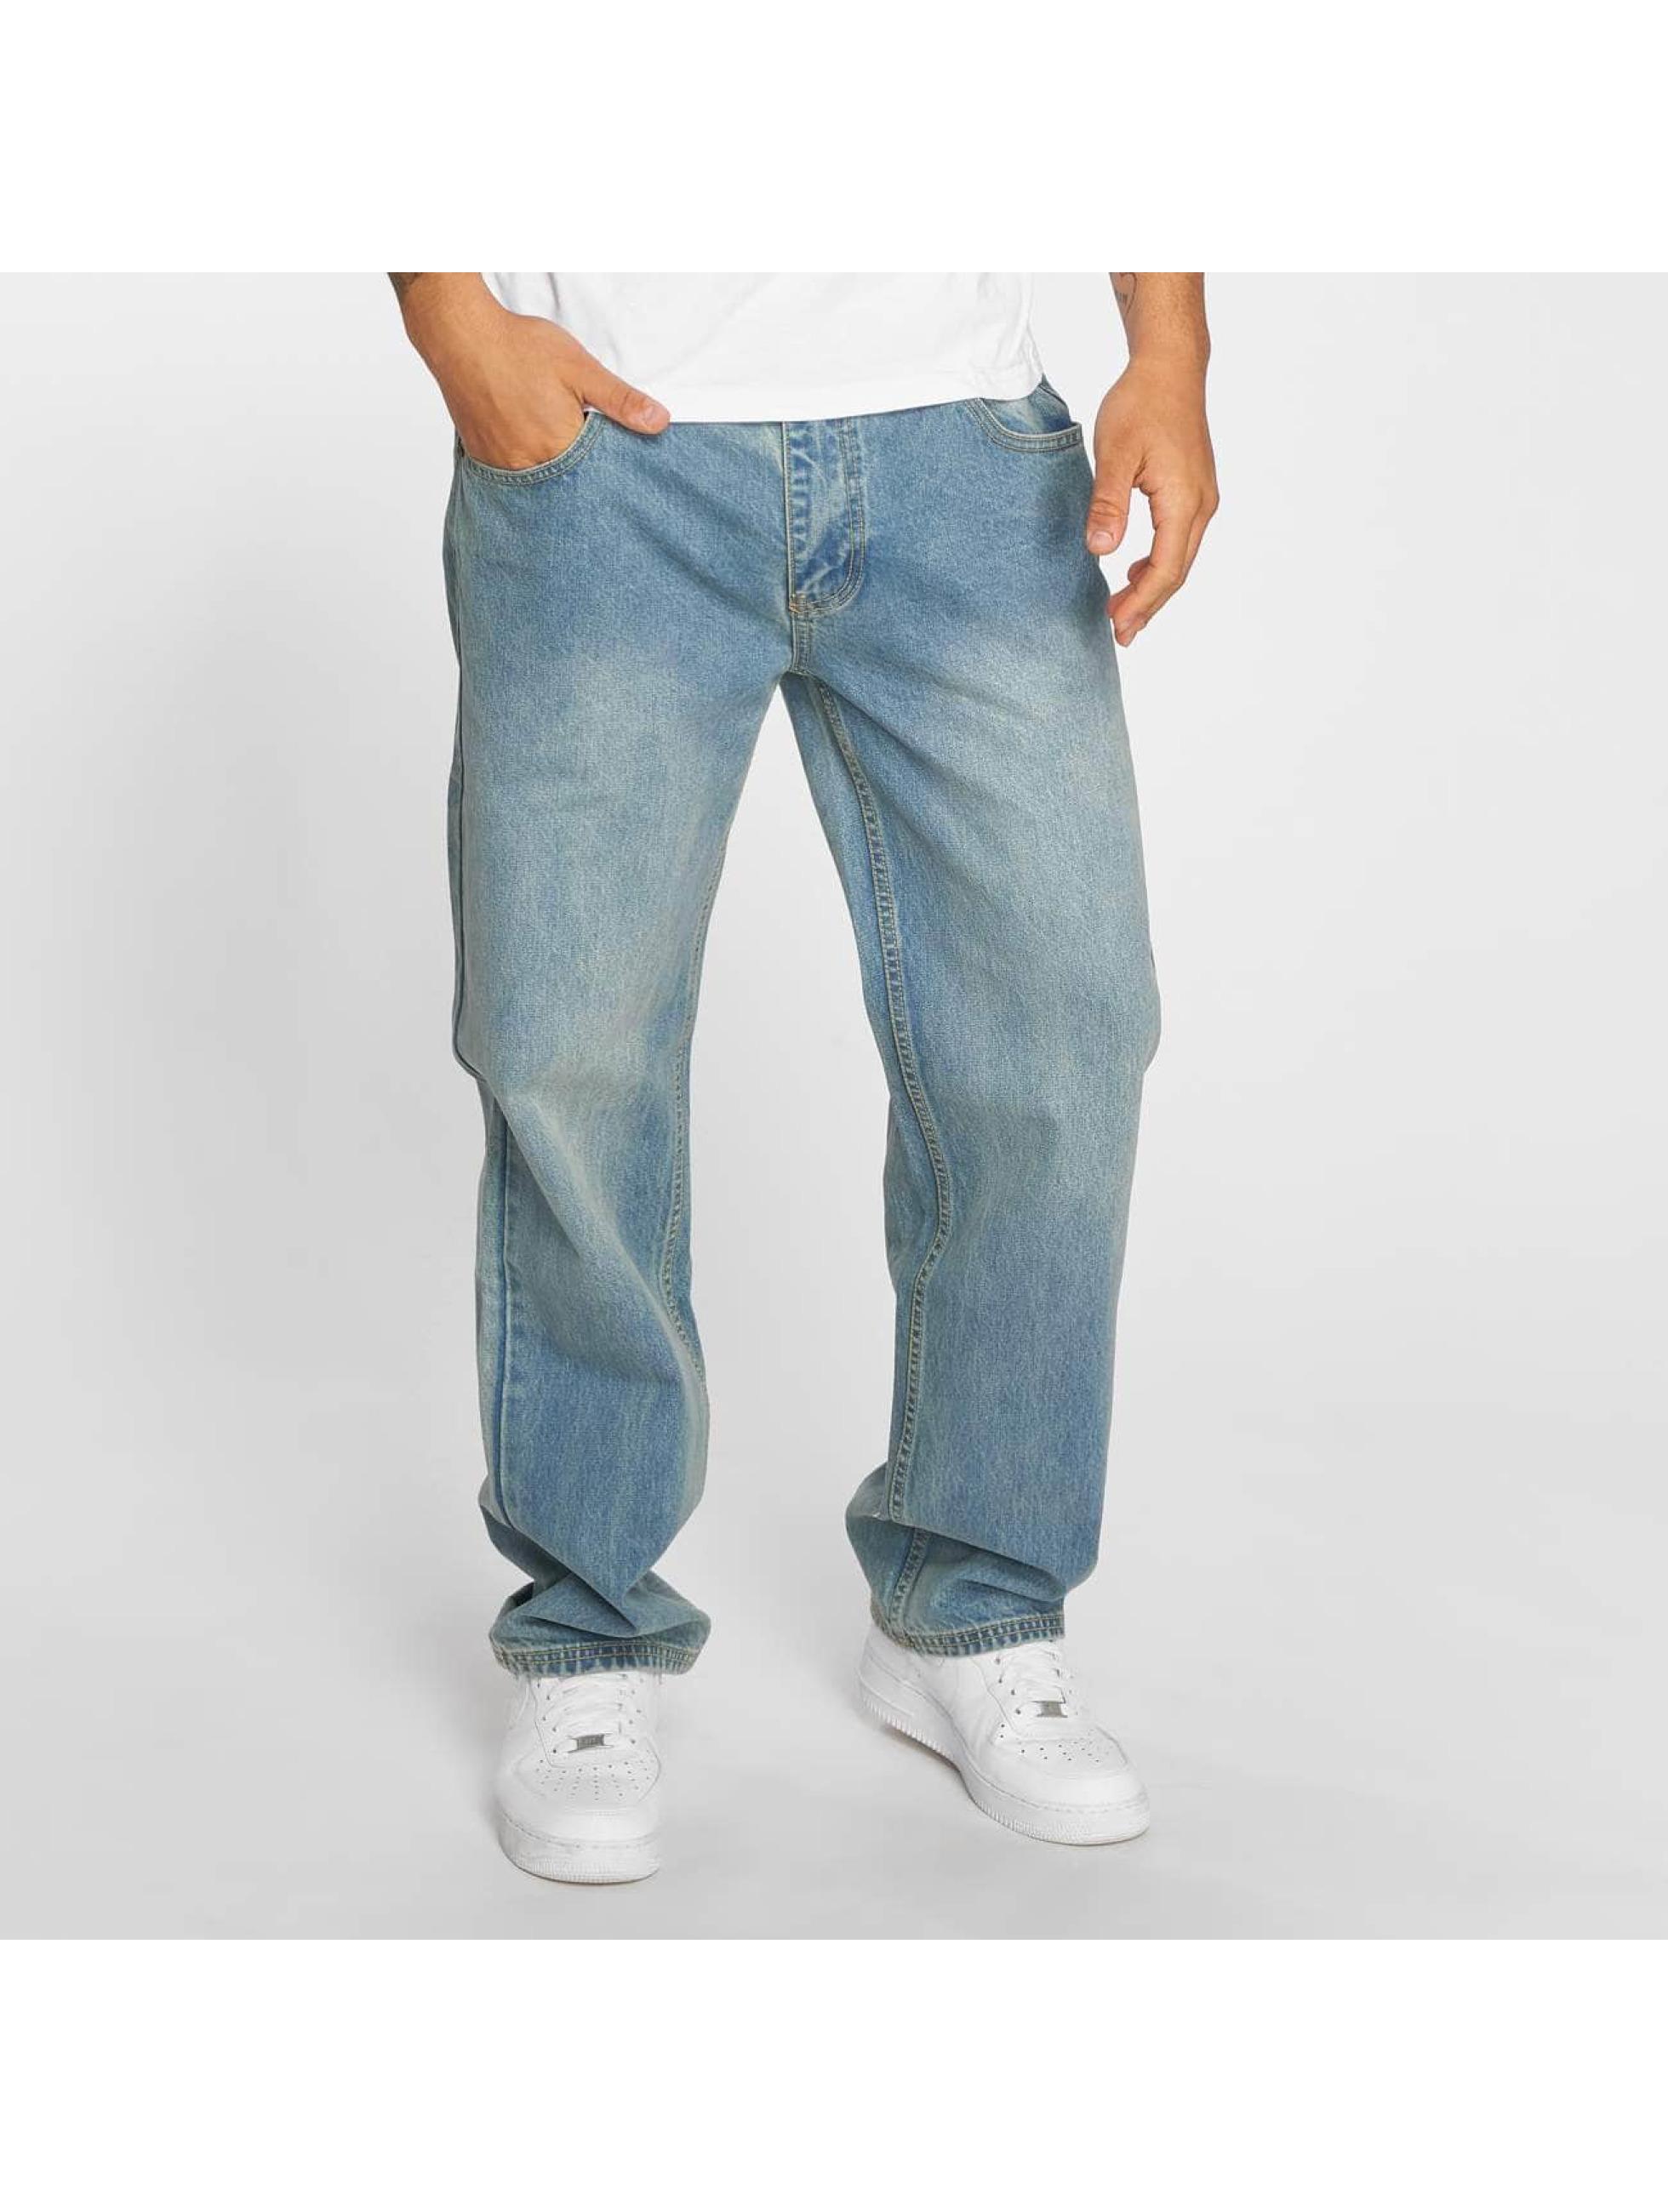 Ecko Unltd. / Loose Fit Jeans Gordon's Lo in blue W 42 L 34